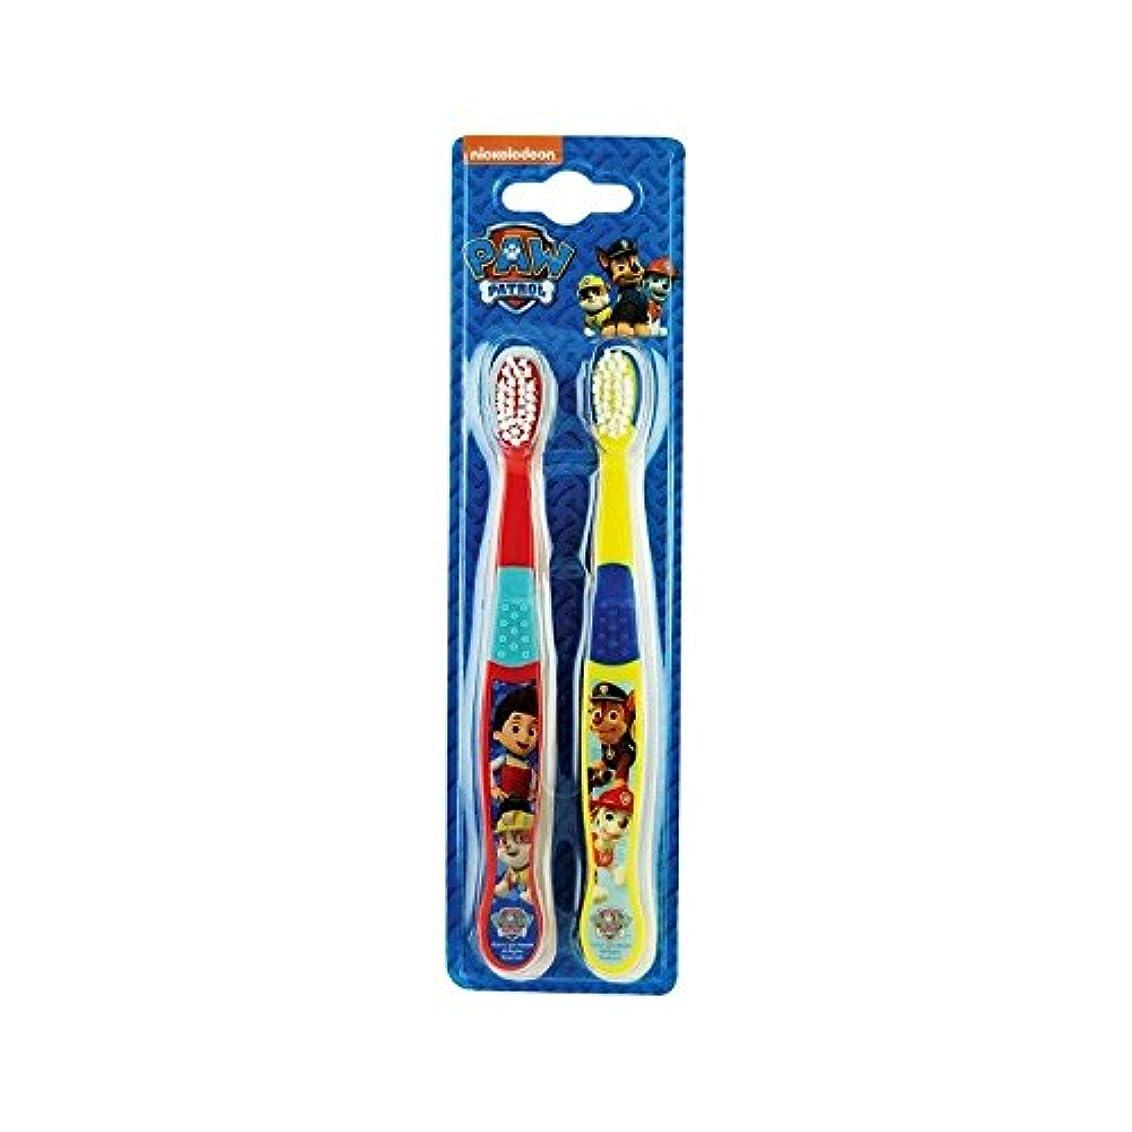 剣静めるライナー1パックツイン歯ブラシ2 (Paw Patrol) (x 4) - Paw Patrol Twin Toothbrush 2 per pack (Pack of 4) [並行輸入品]